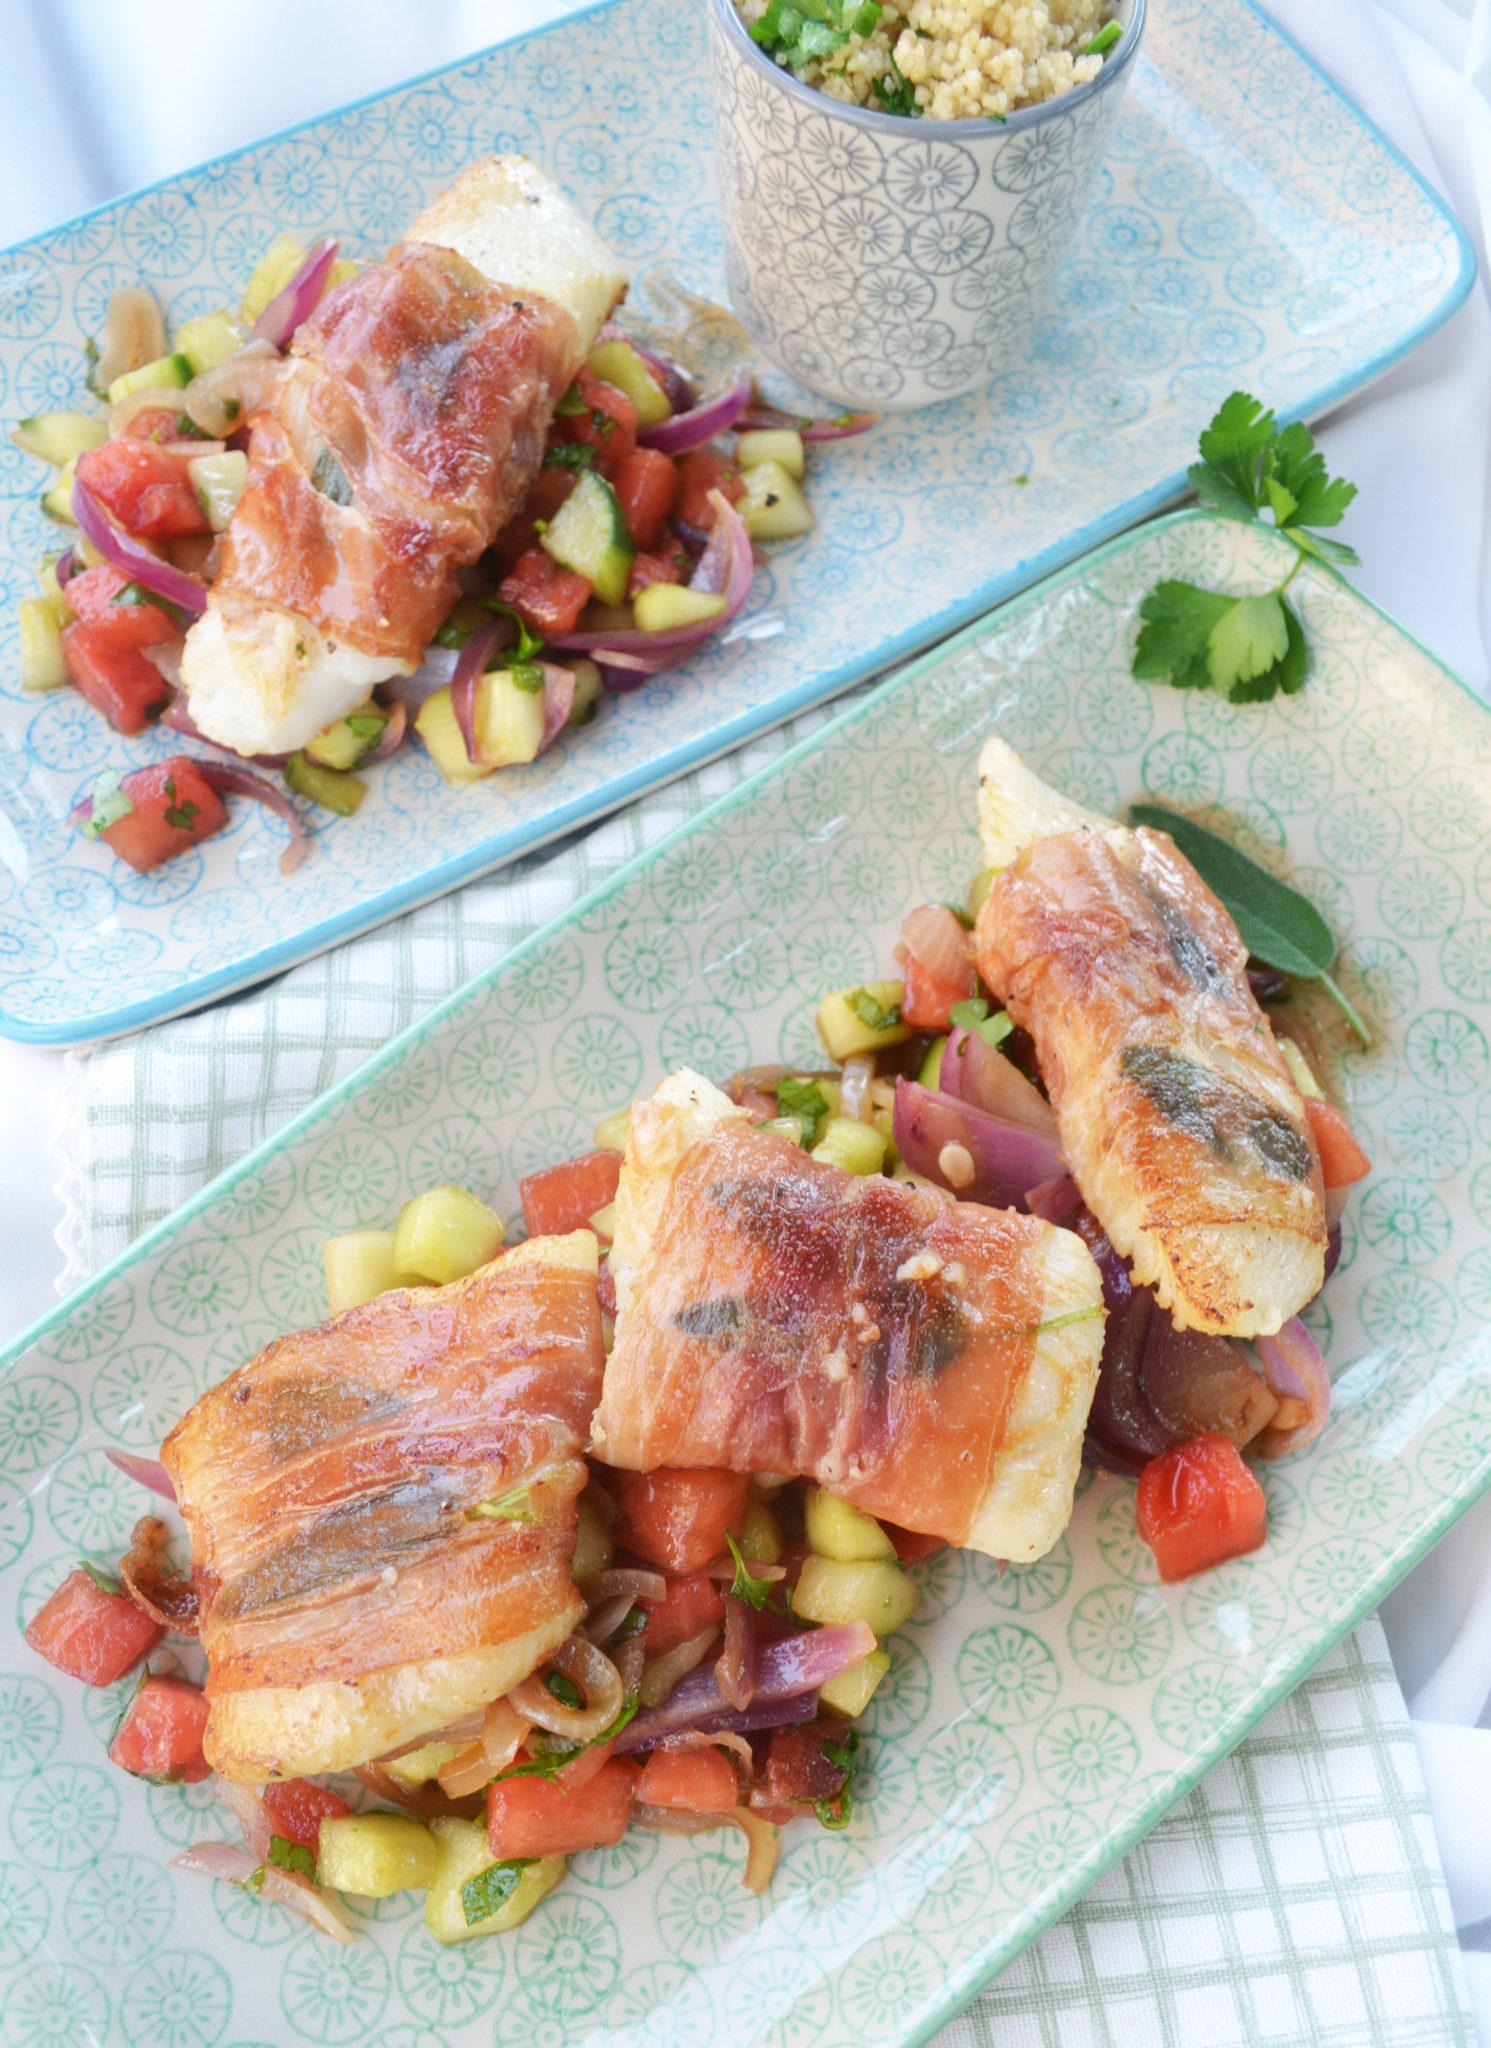 Sommergefühle ahoi! Heilbutt-Saltimbocca mit Melonen-Gurken-Salat